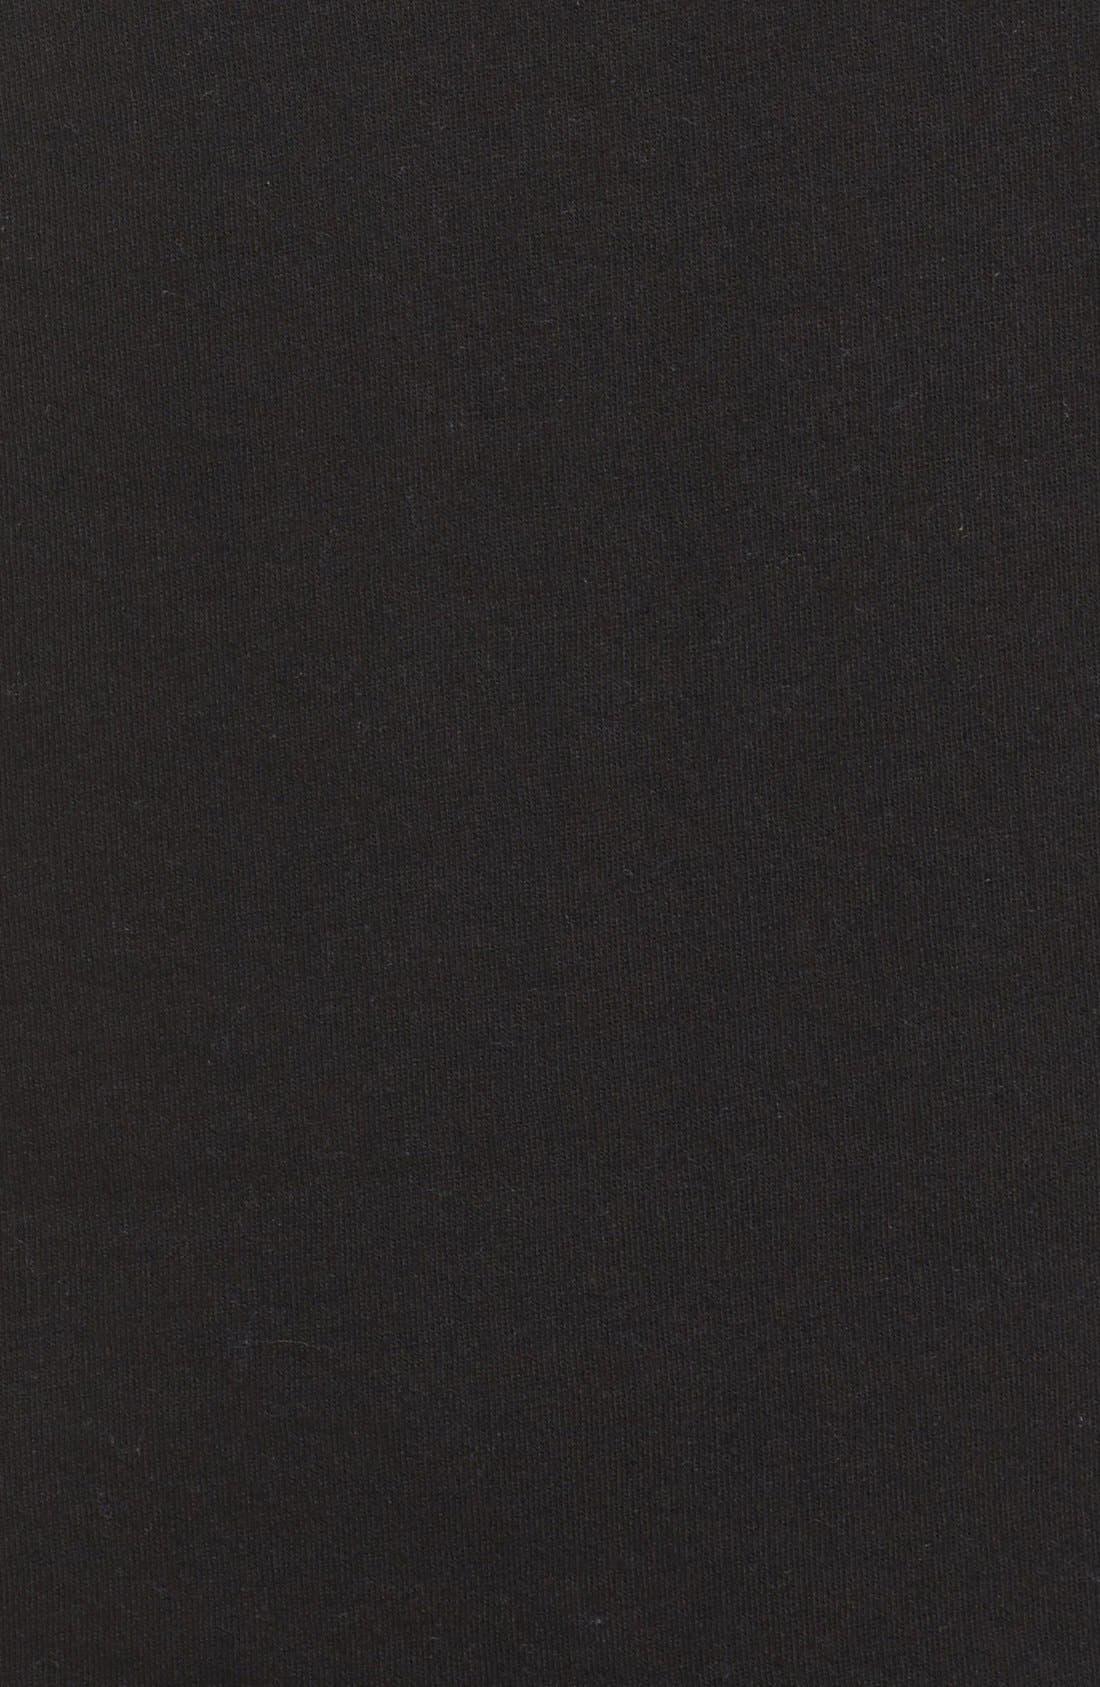 Brunette Crewneck Sweatshirt,                             Alternate thumbnail 7, color,                             001